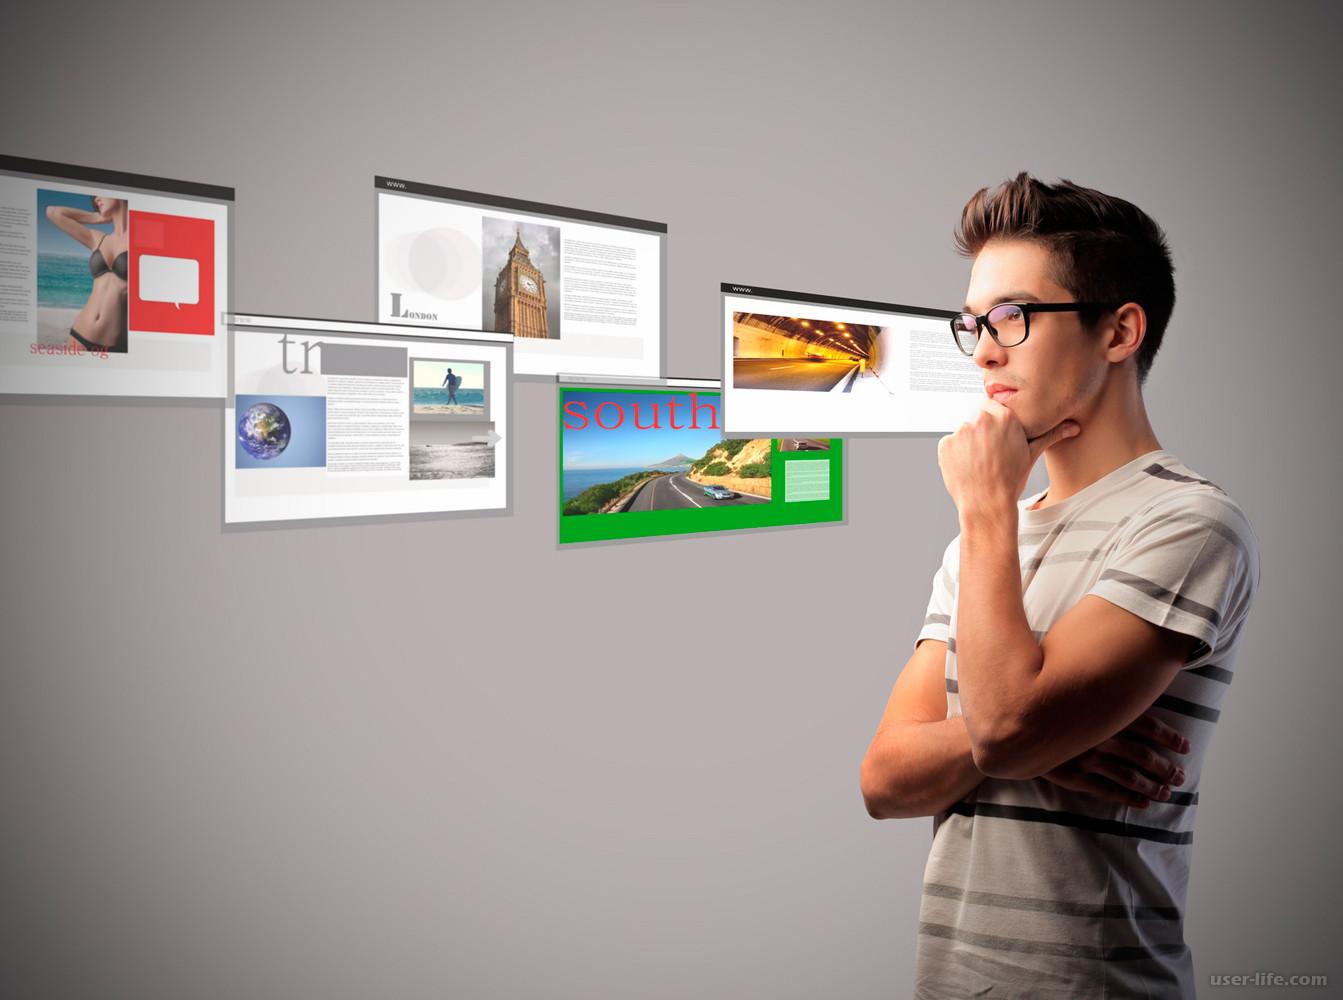 Уроки о созданию сайтов обучение по созданию сайта саратов